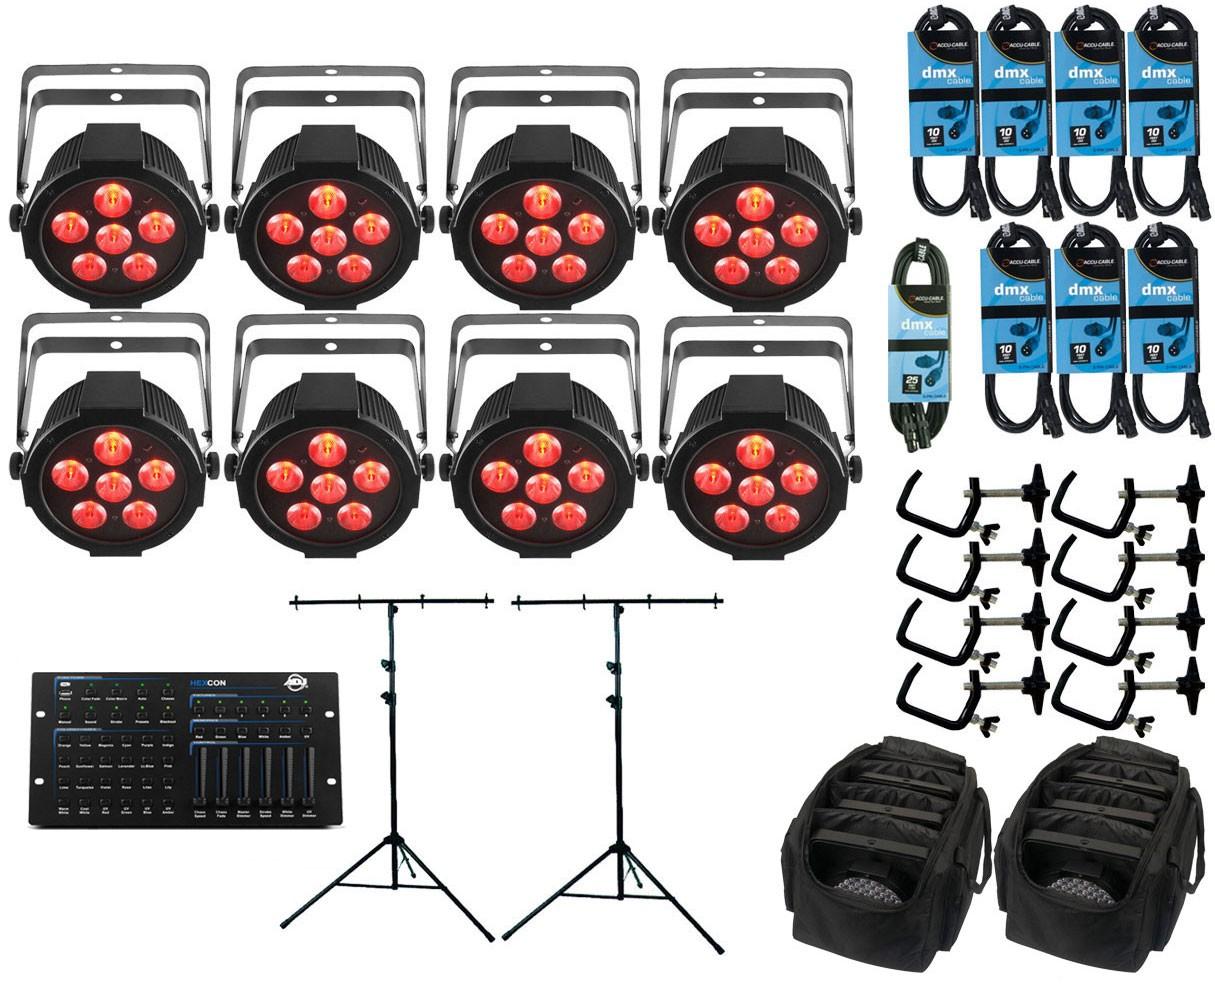 8x Chauvet SlimPAR H6 USB + ADJ Hexcon + Stands + Bags + Clamps + Cables